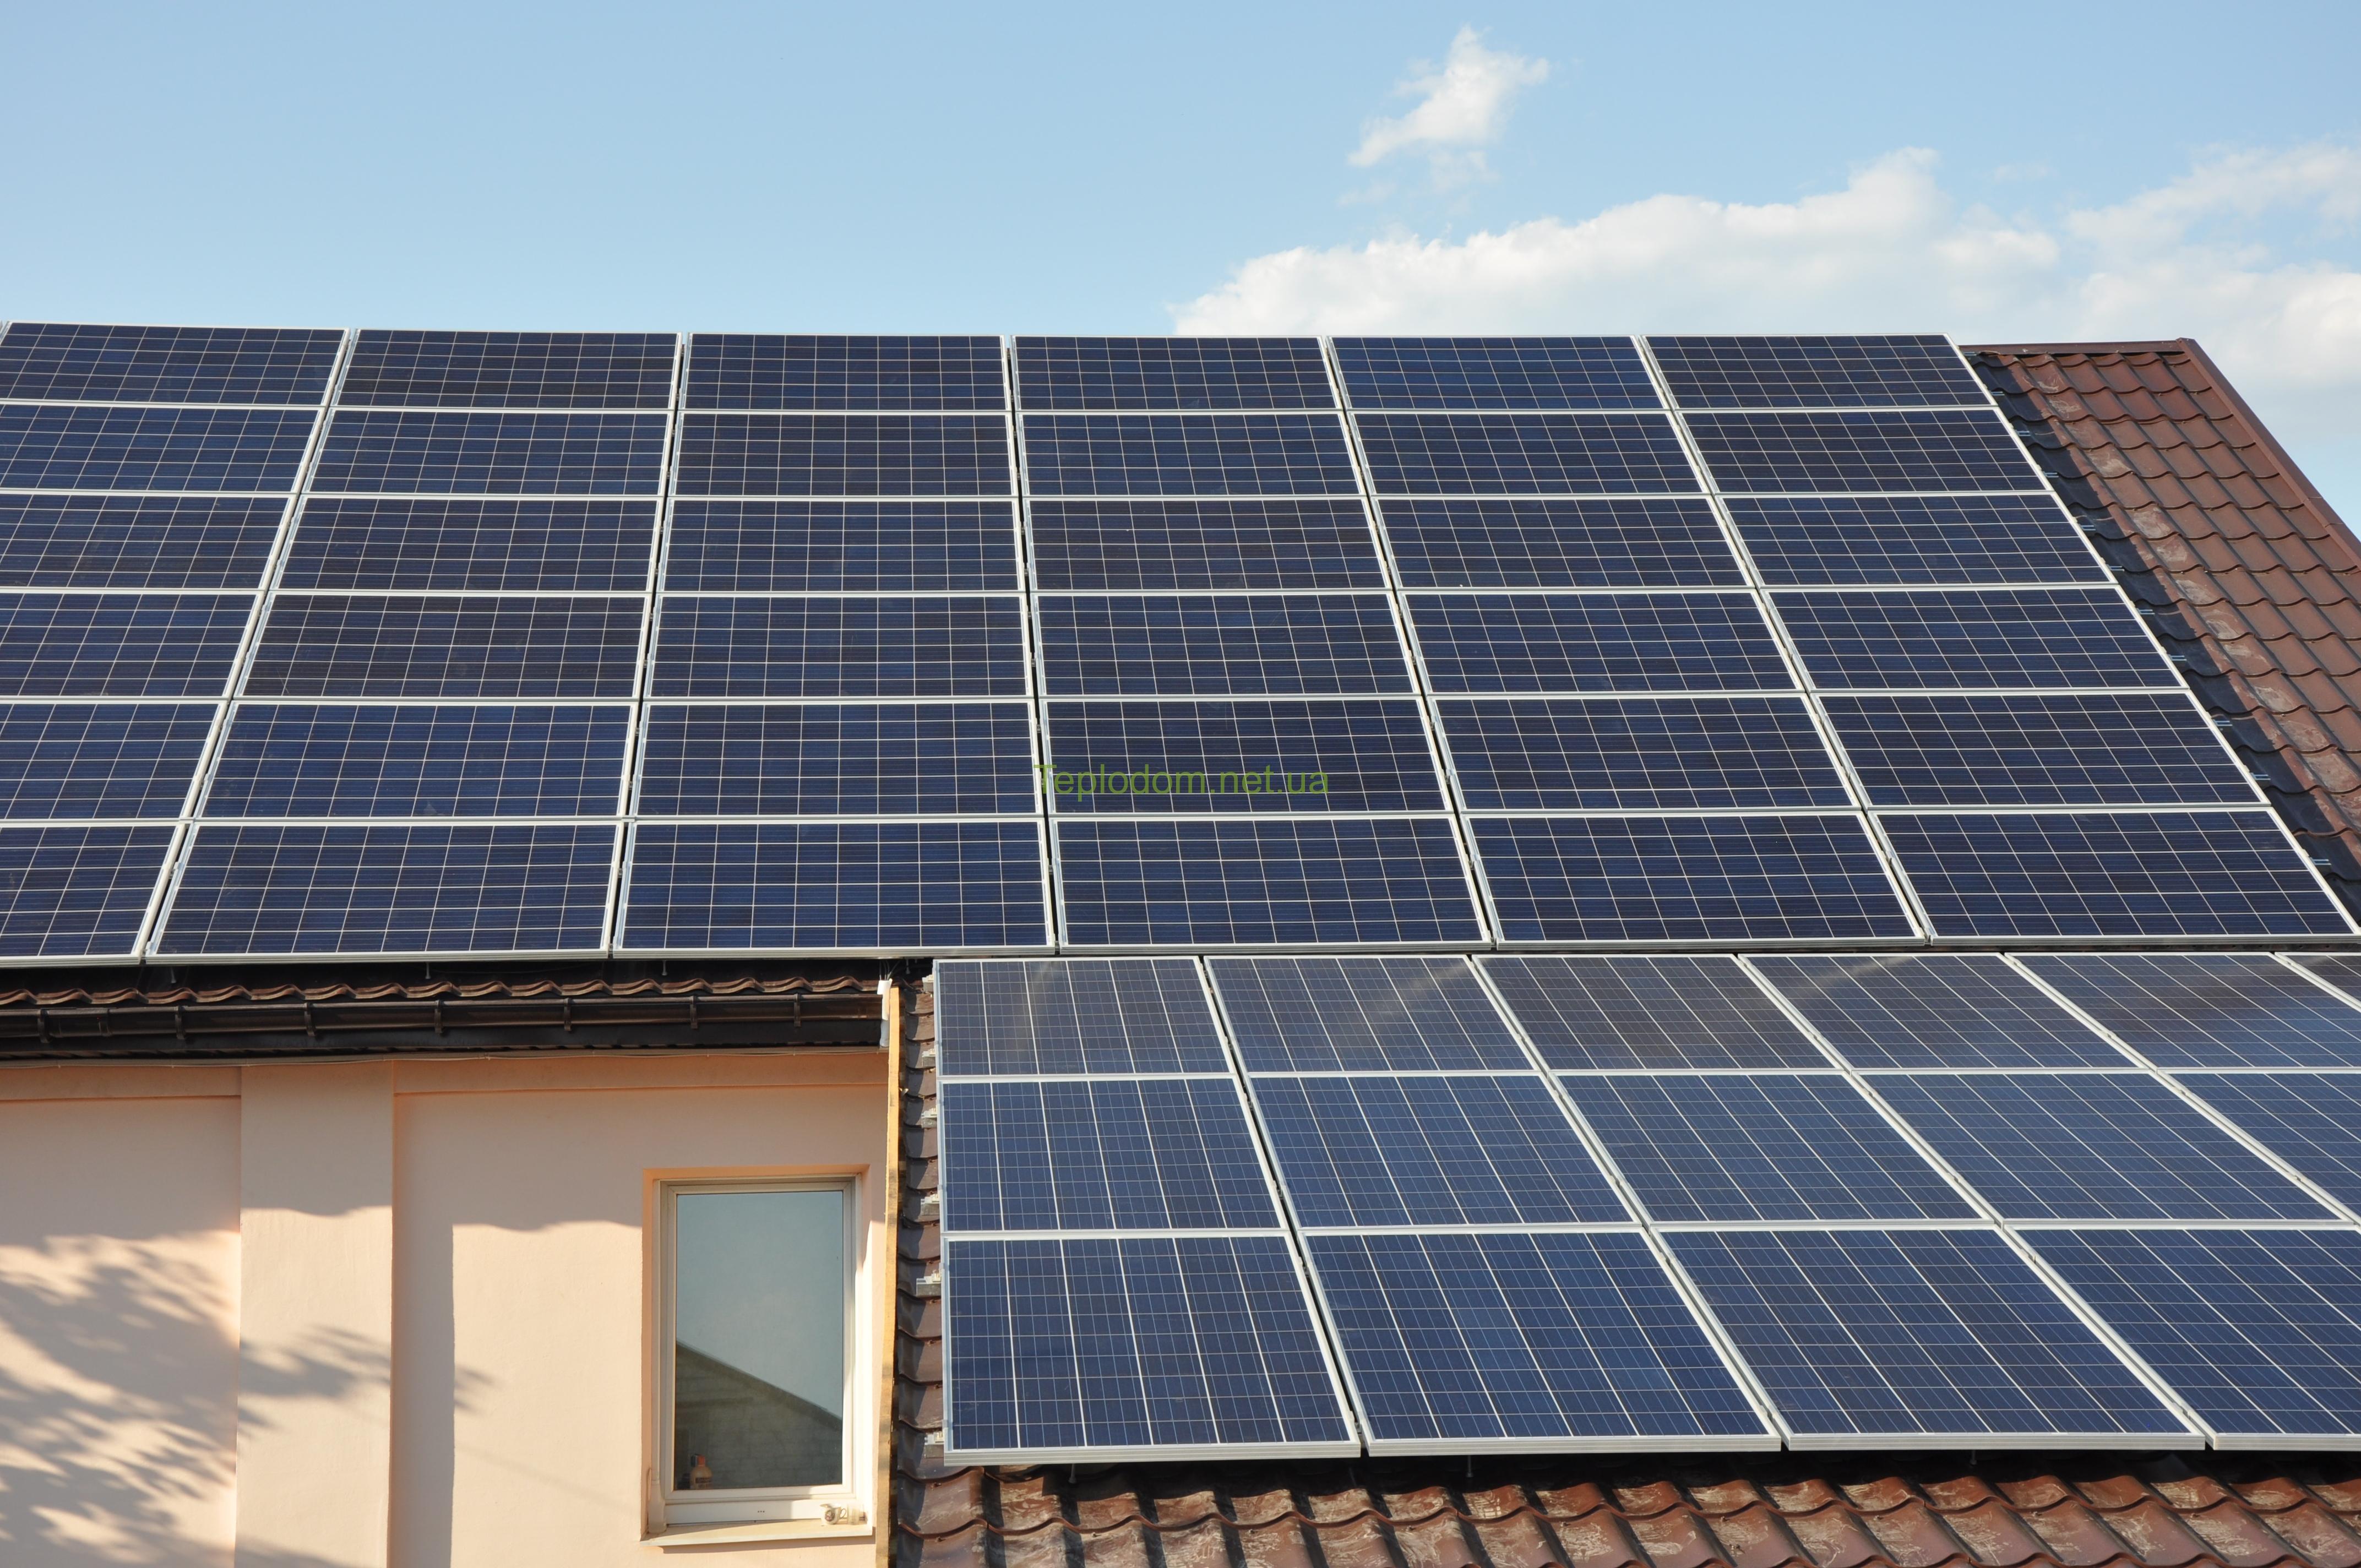 Проектирование, монтаж и подключение солнечной станции для дома 15 кВт в г. Полтава